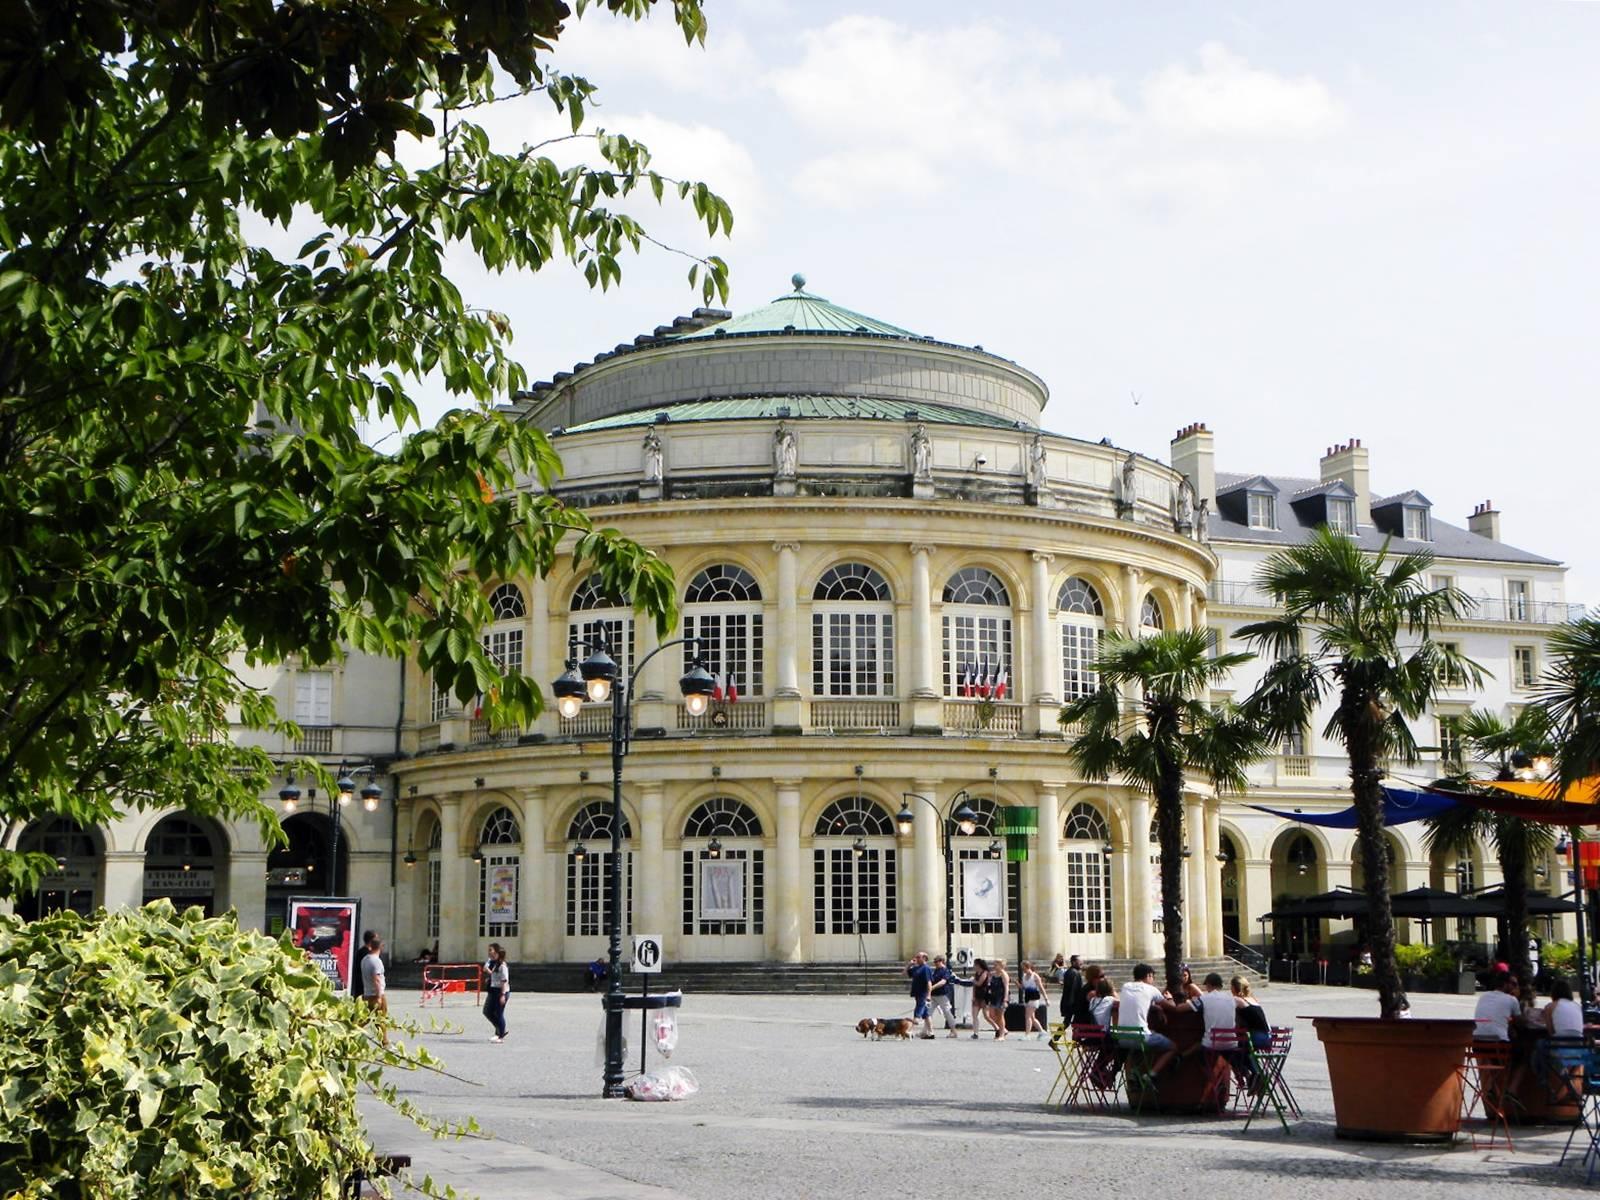 Photo 2: Rennes : que voir et que faire en deux jours ? Retrouvez mon city guide et mes bonnes adresses !